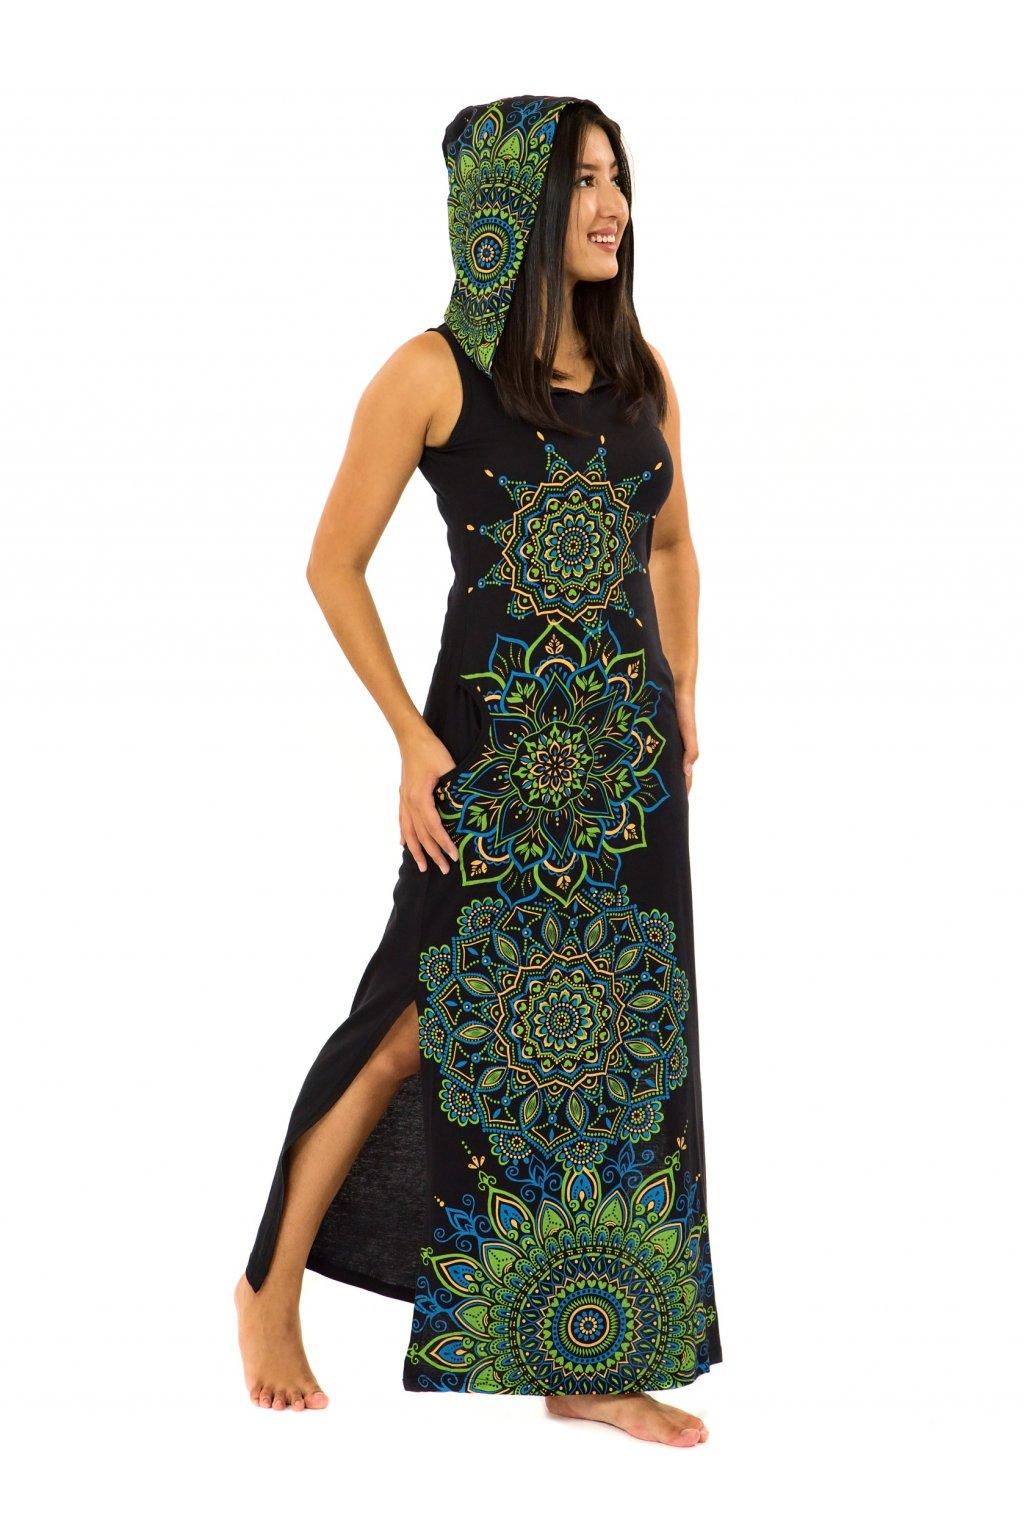 Dlouhé šaty s kapucí Hanalei - černá se zelenou